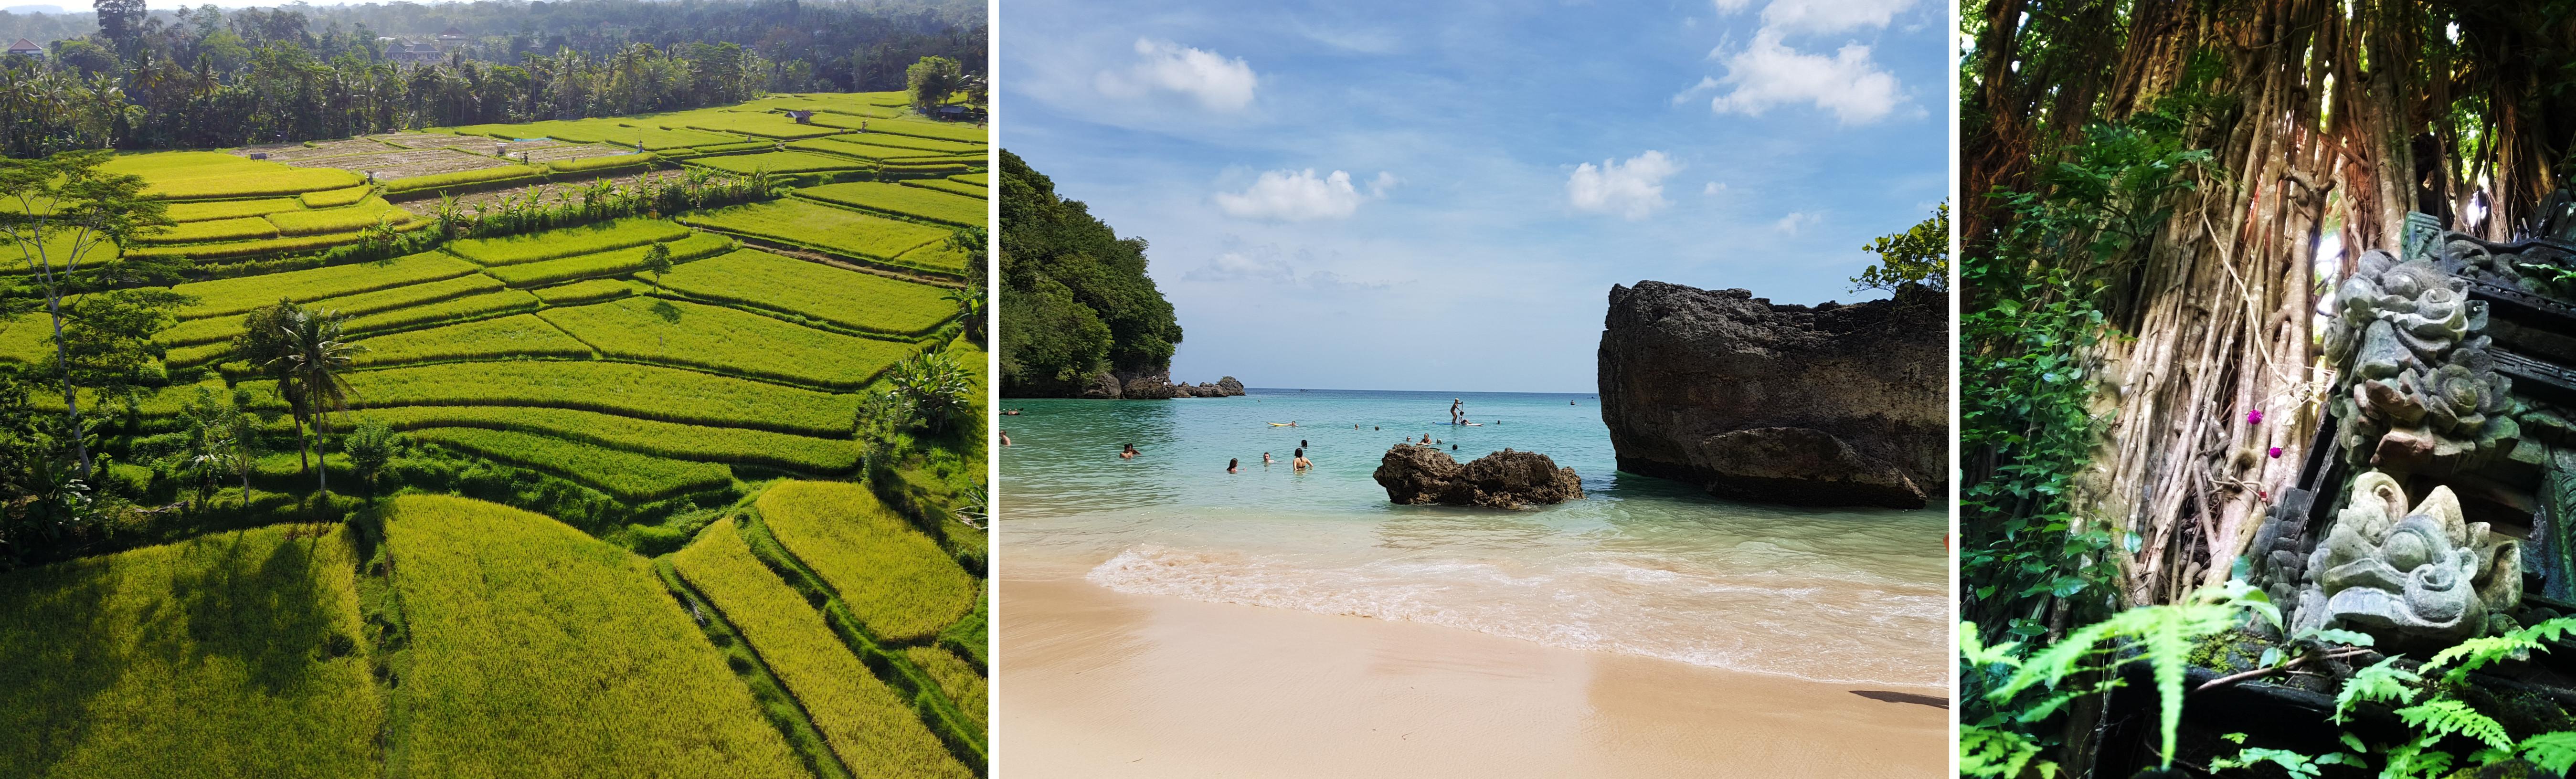 Zauberhaftes Bali